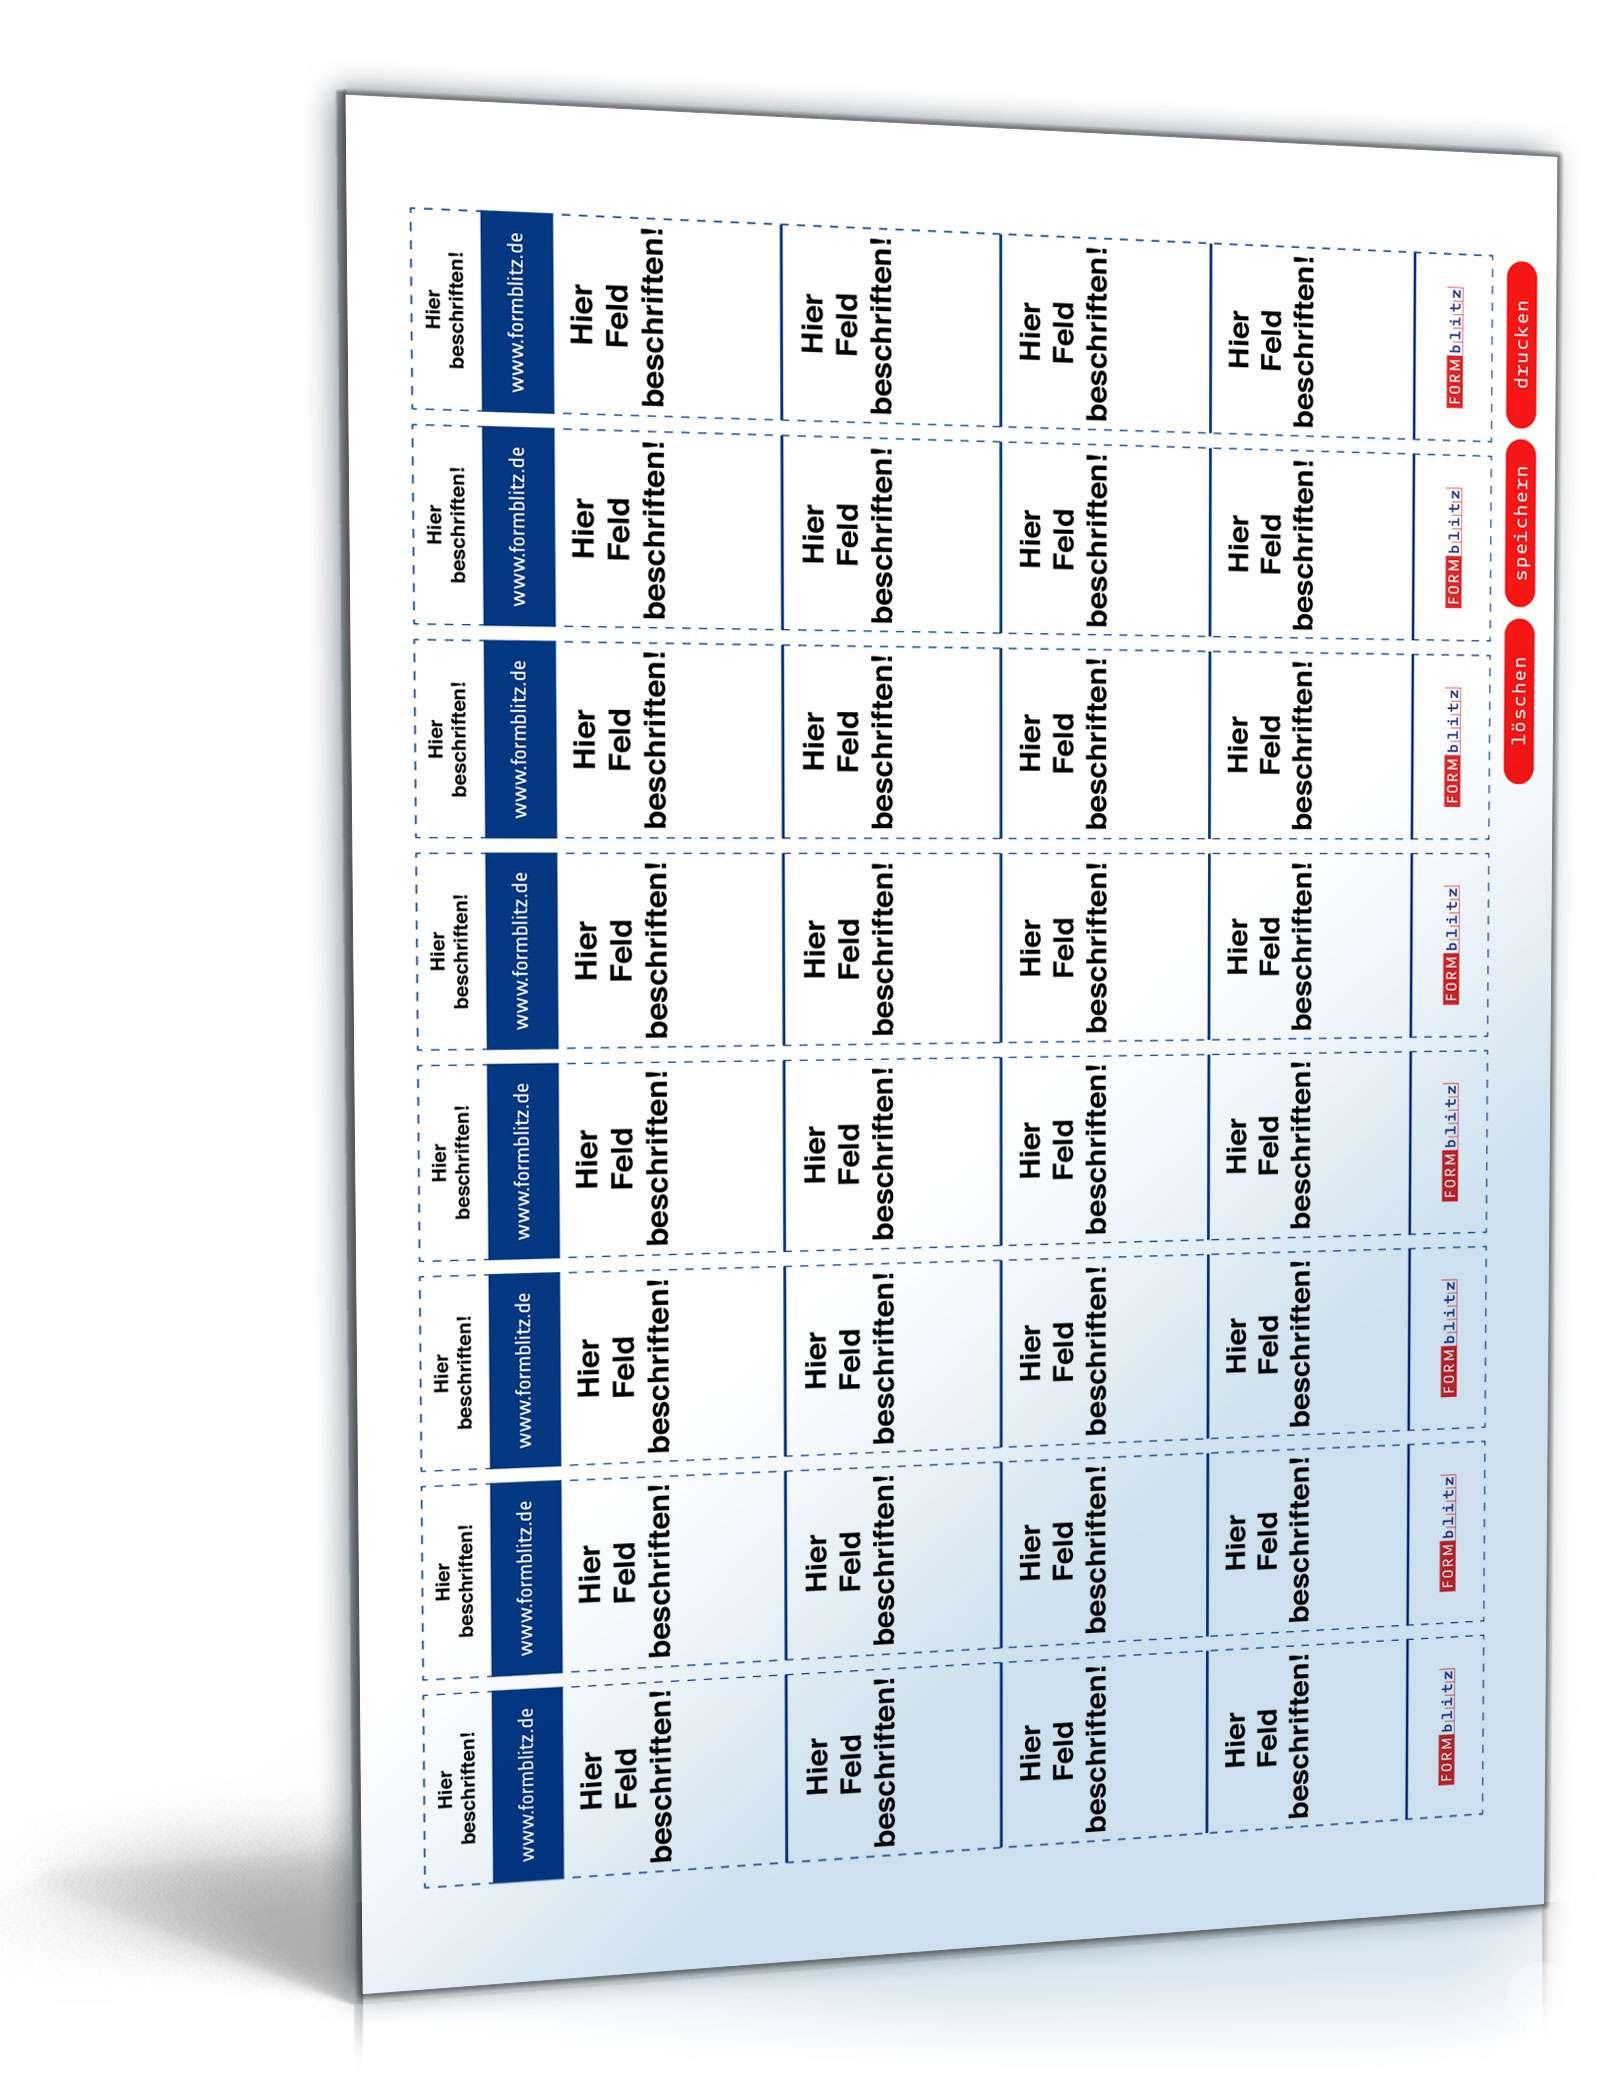 Ordner-Rücken für Leitz-Ordner (3,0 x 18,8), quer Dokument zum Download